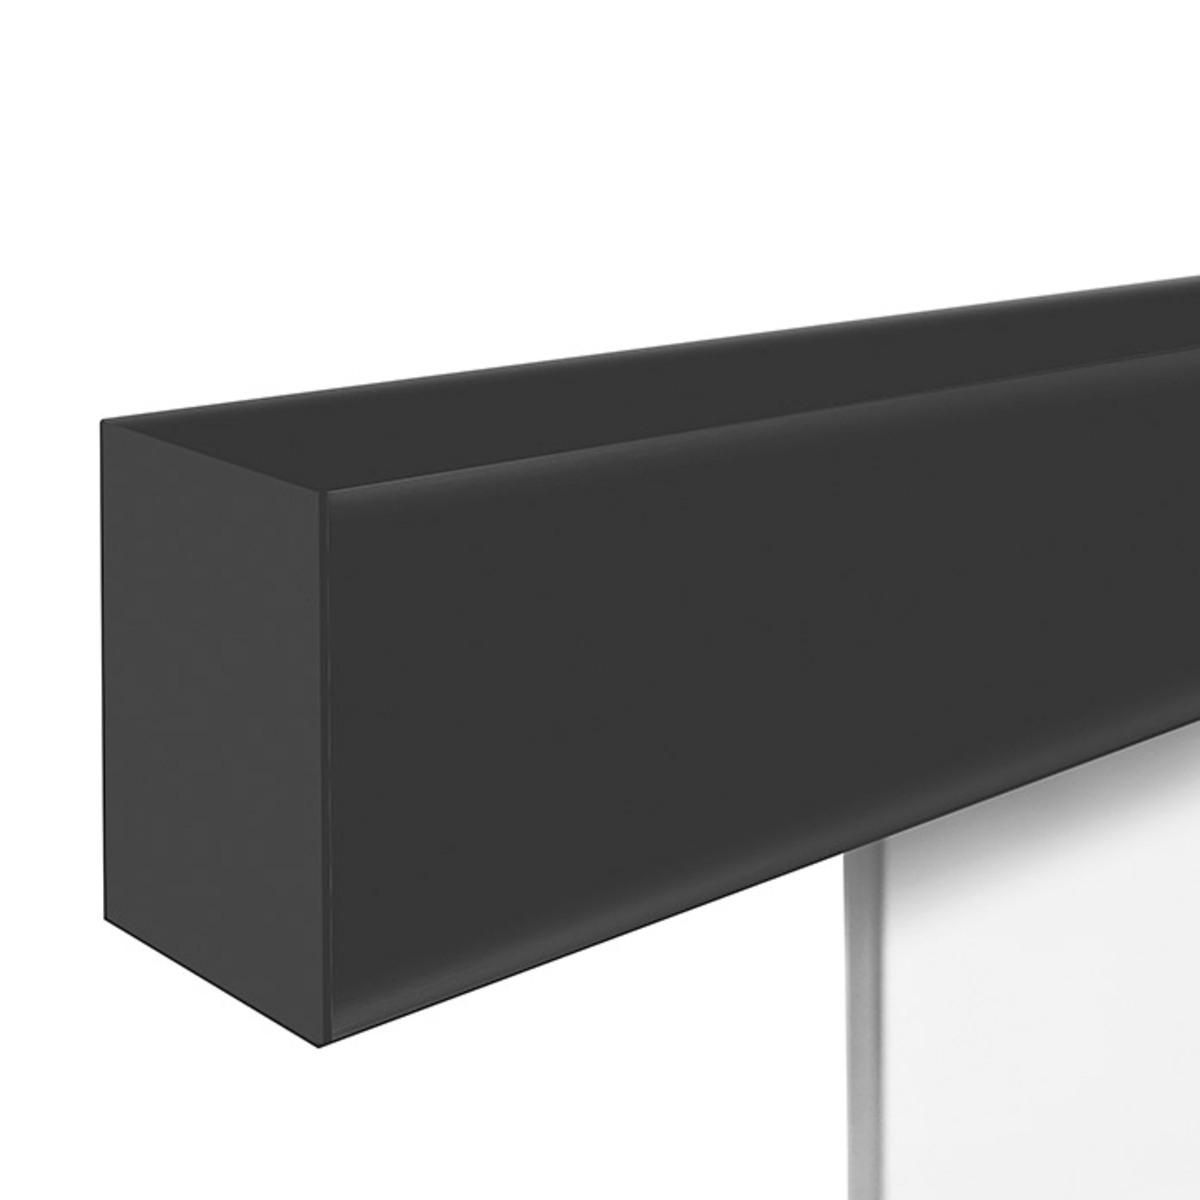 Bild 2 von Diamond Doors Schiebetürsystem Edge Black Edition